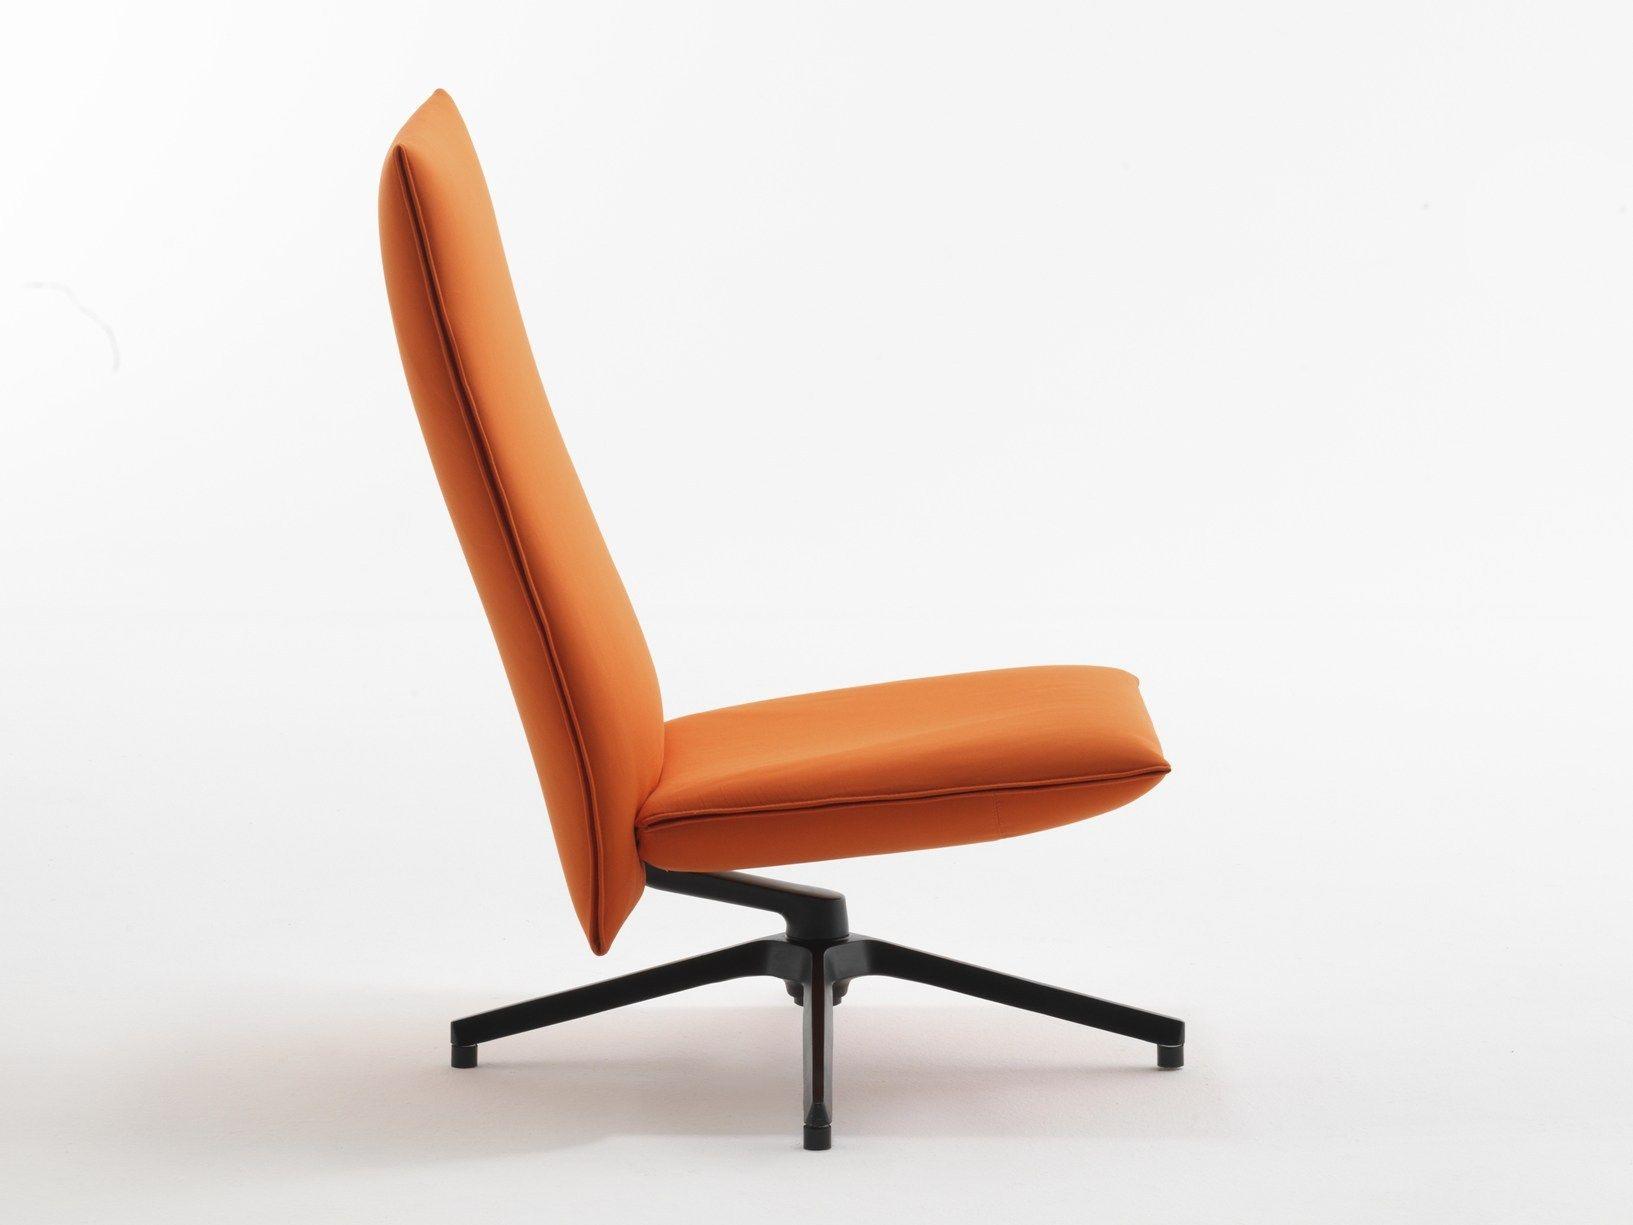 knoll pr sente en france pilot chair. Black Bedroom Furniture Sets. Home Design Ideas